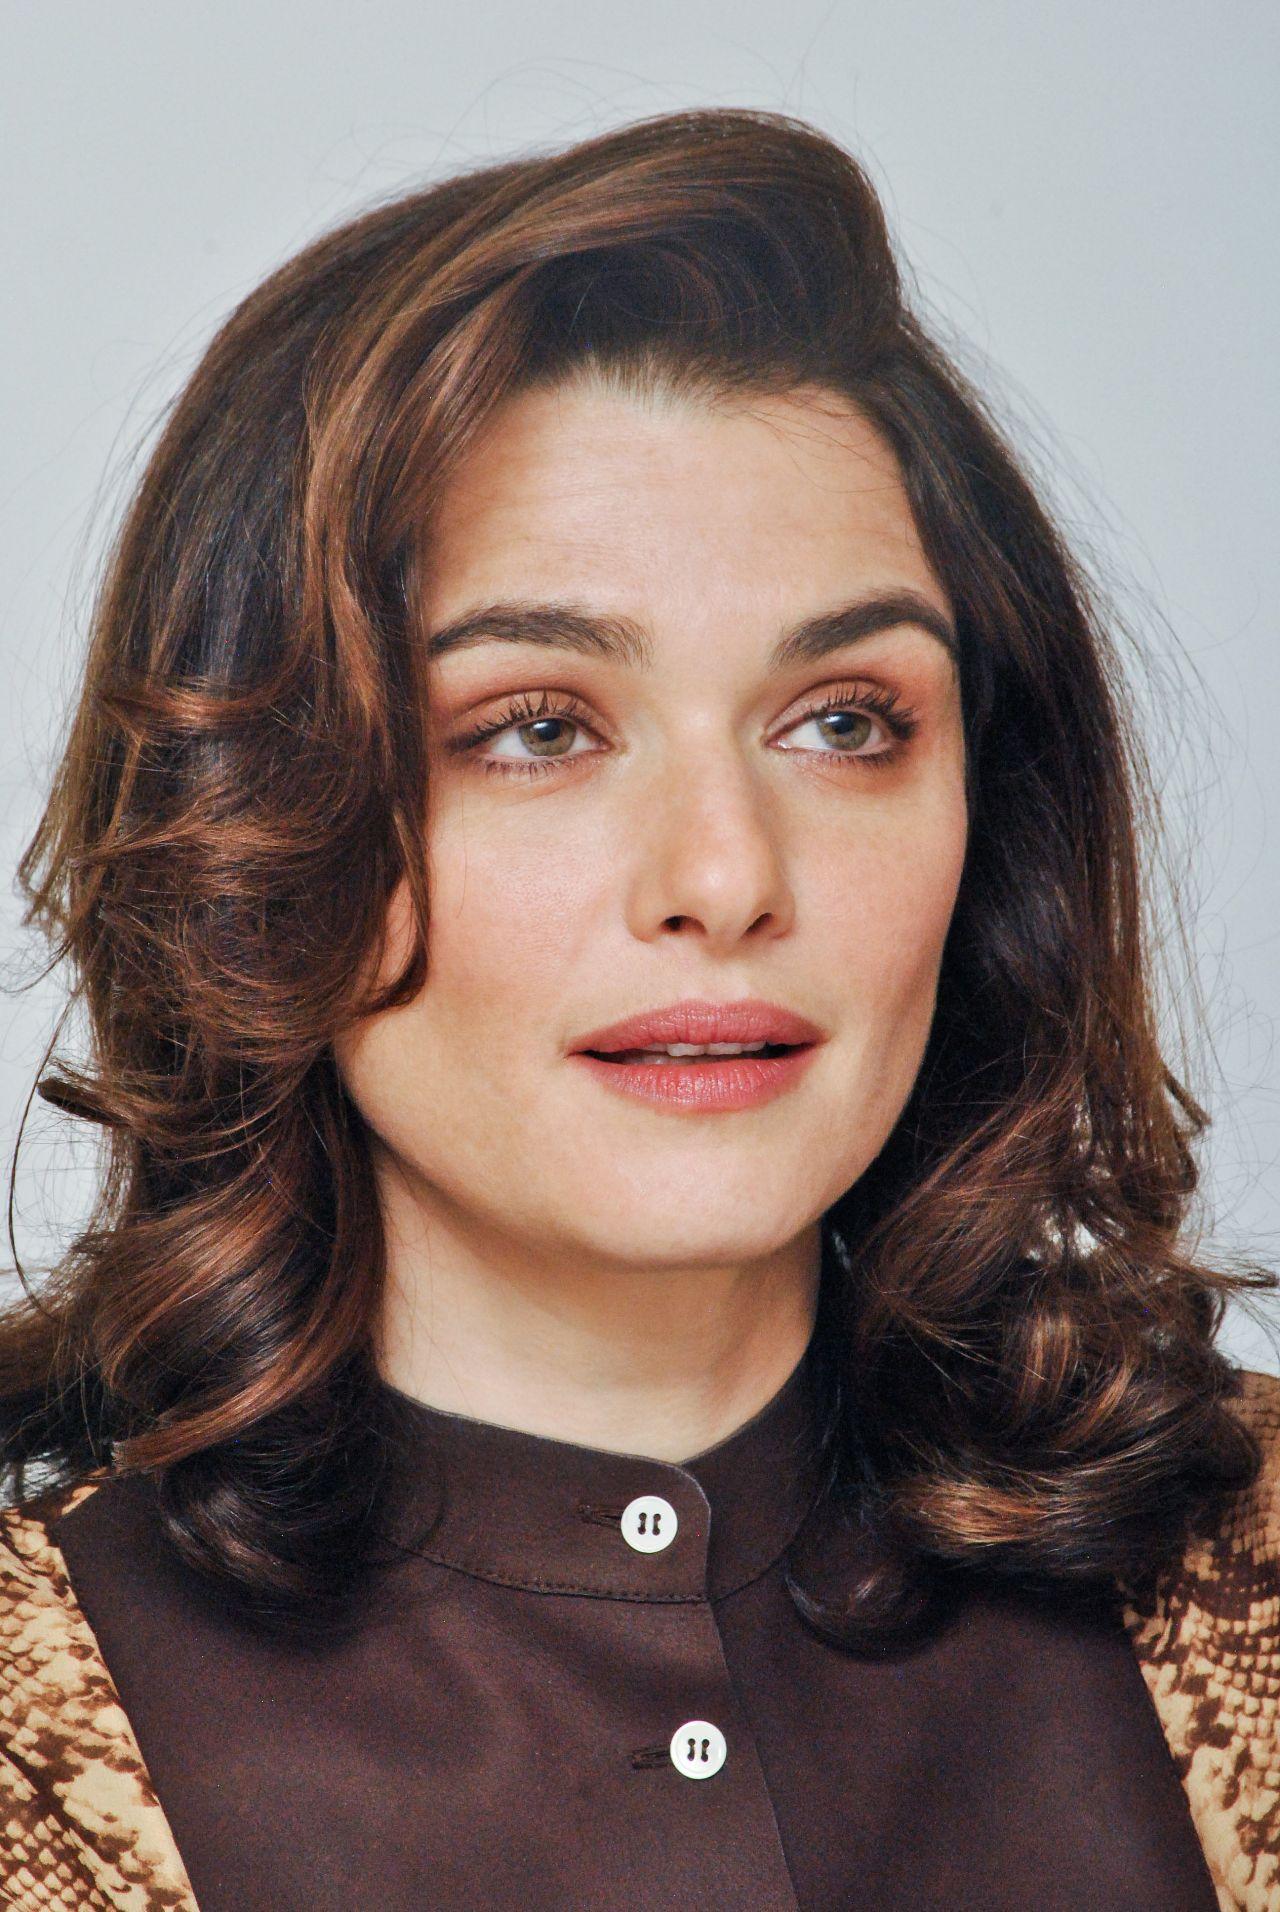 Rachel Weisz - Actor